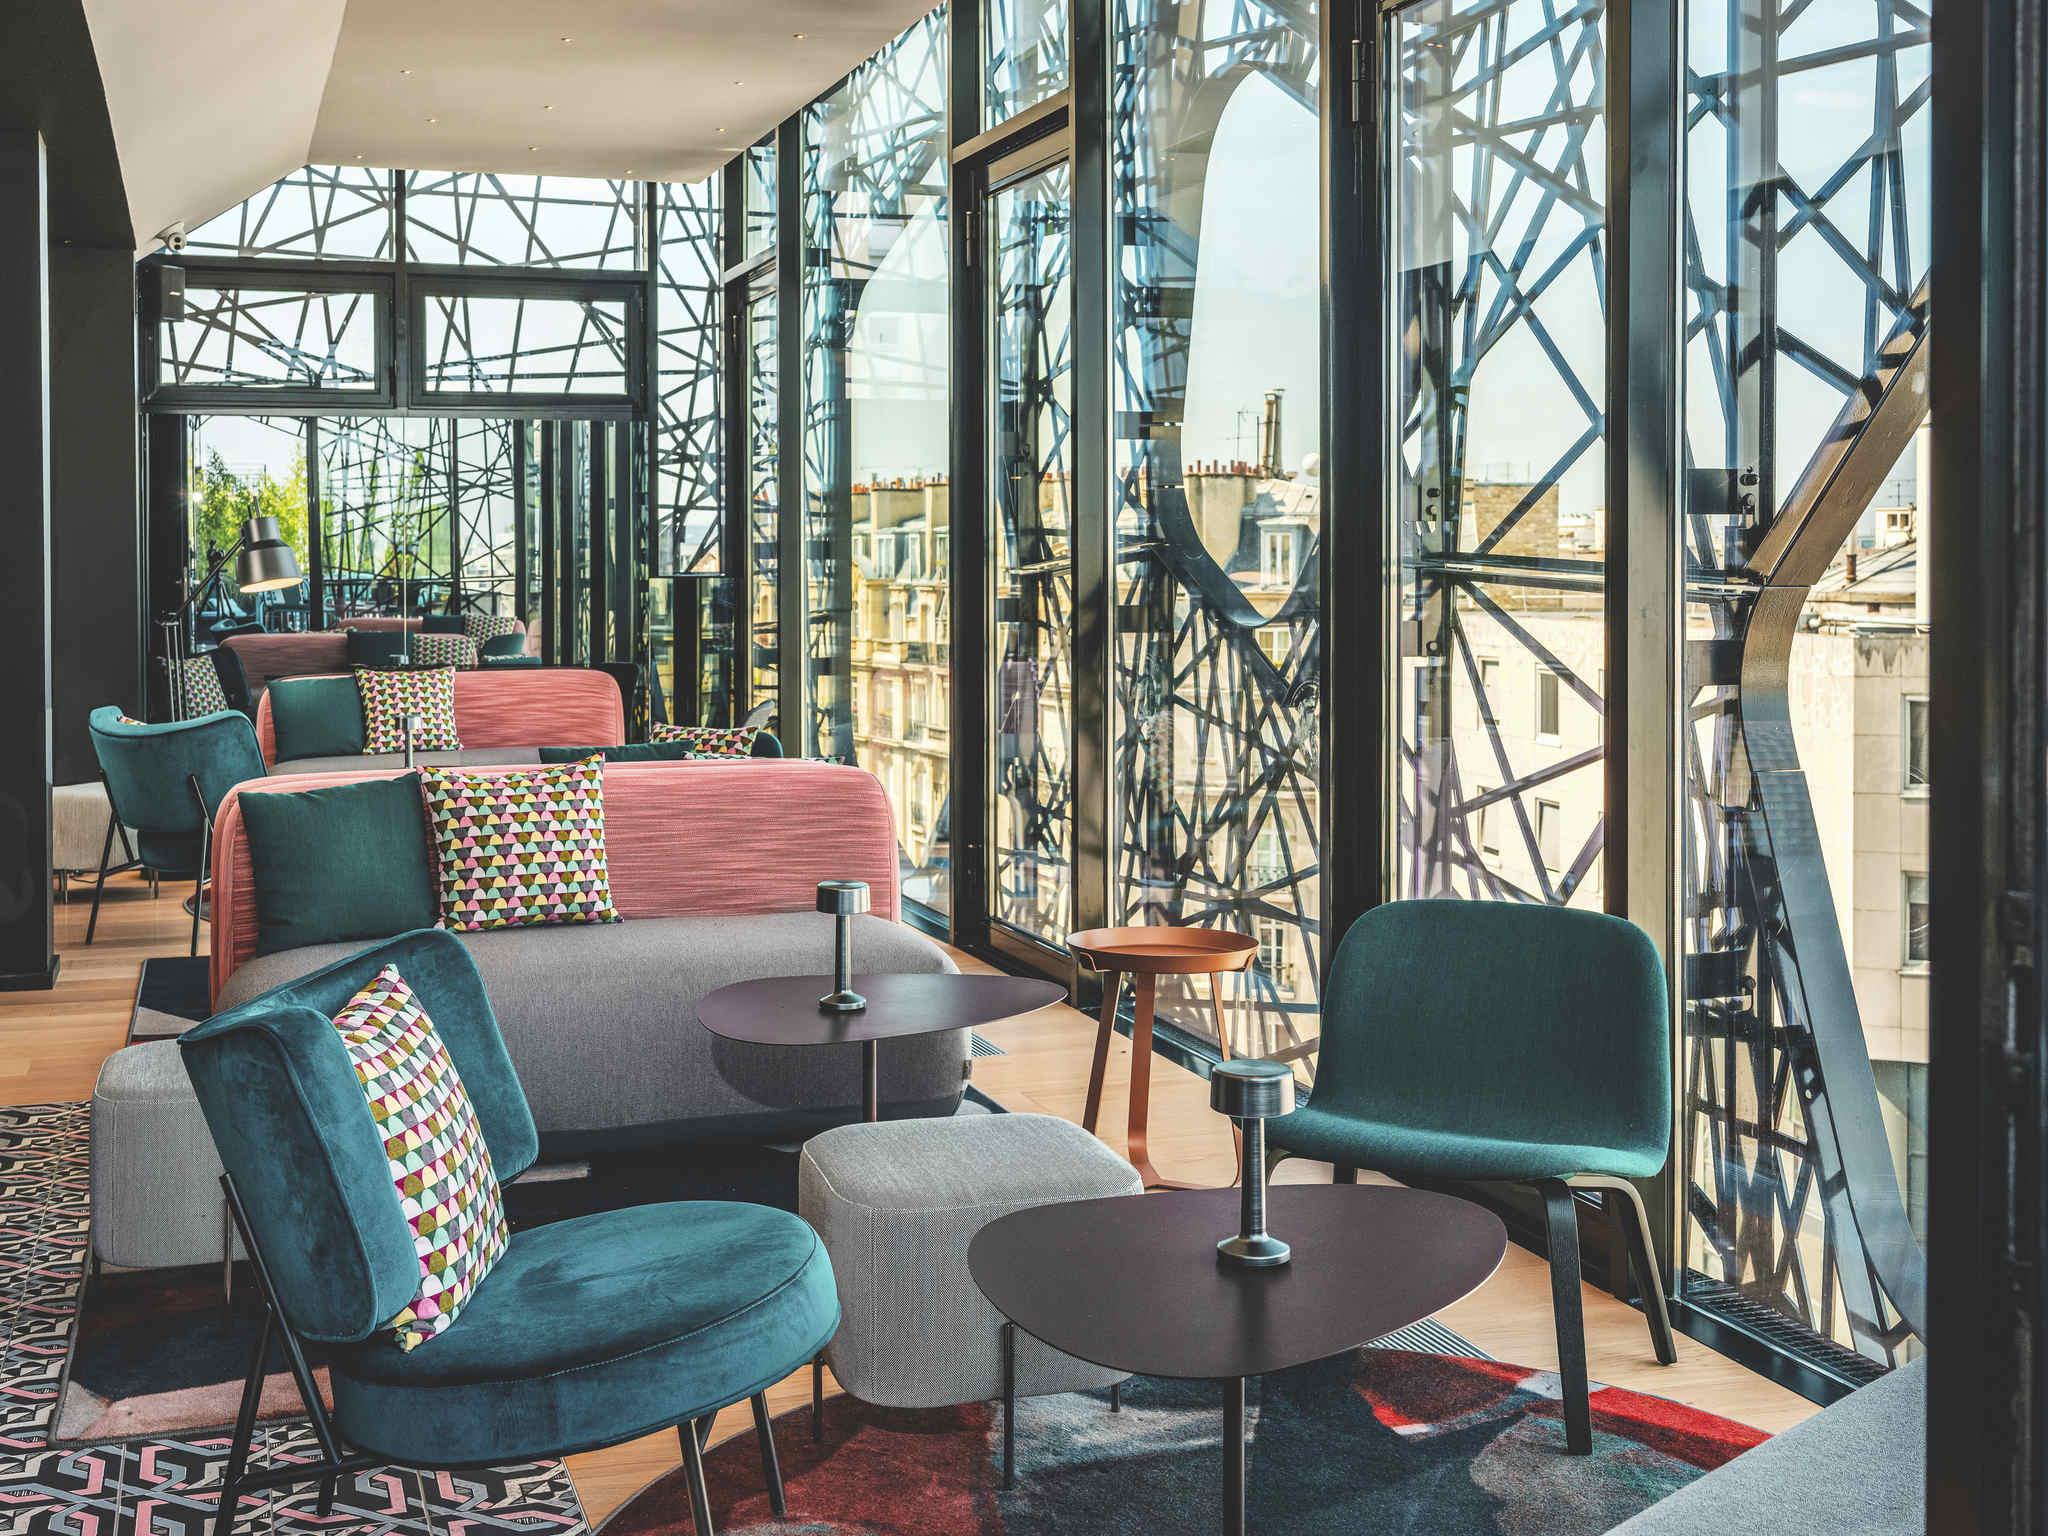 Hotel in PARIS Novotel Paris Vaugirard Montparnasse